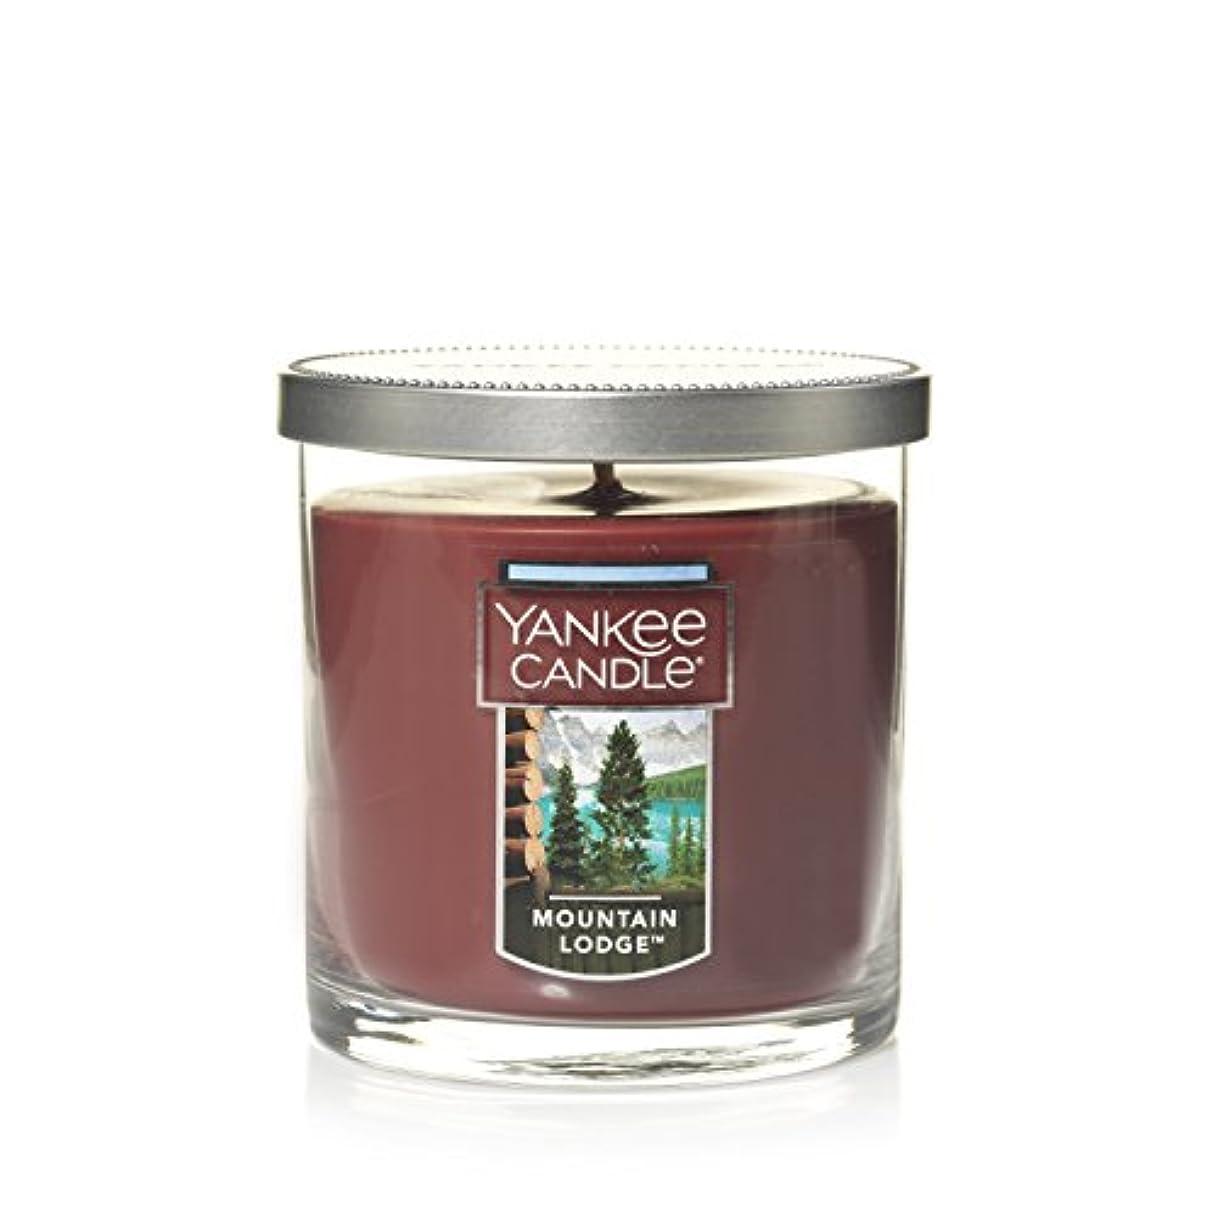 類似性趣味ペンスYankee Candle Lサイズ ジャーキャンドル、マウンテンロッジ Small Tumbler Candle ブラウン 1187963Z